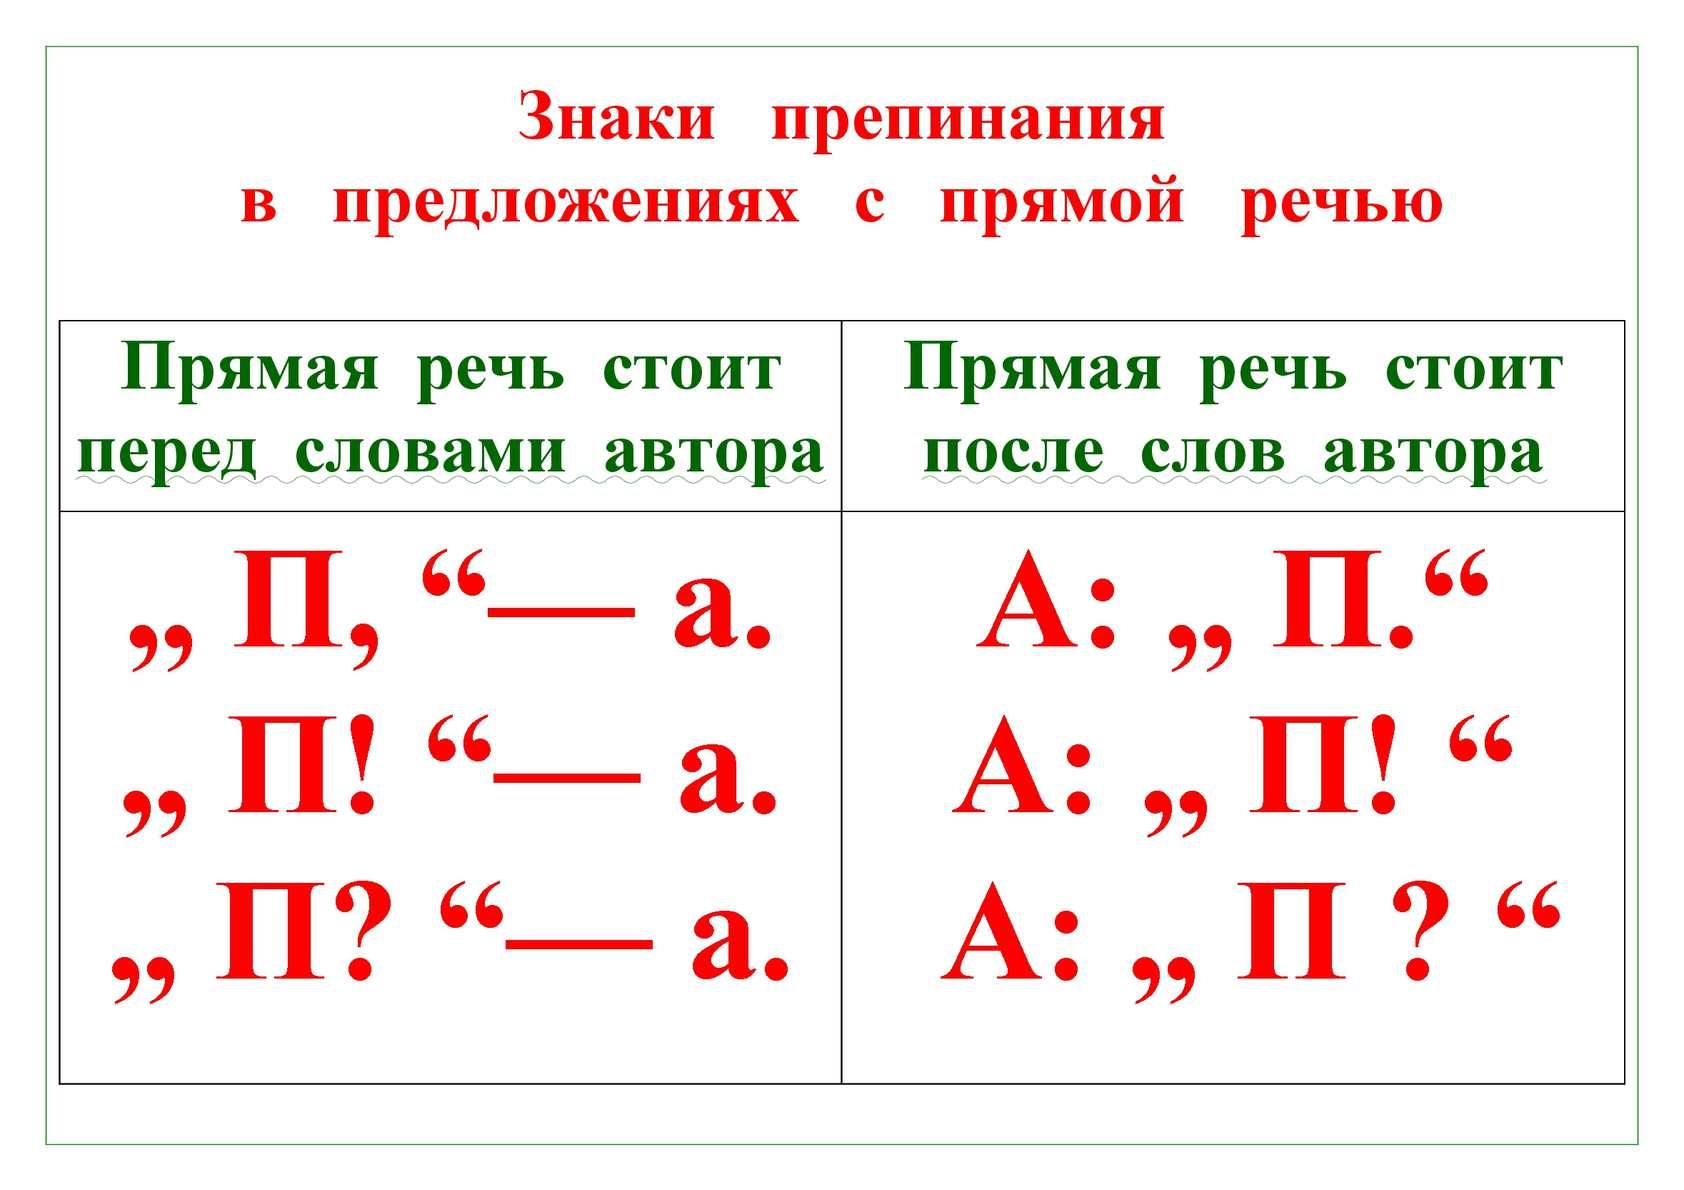 предложения к схемам по прямой речи